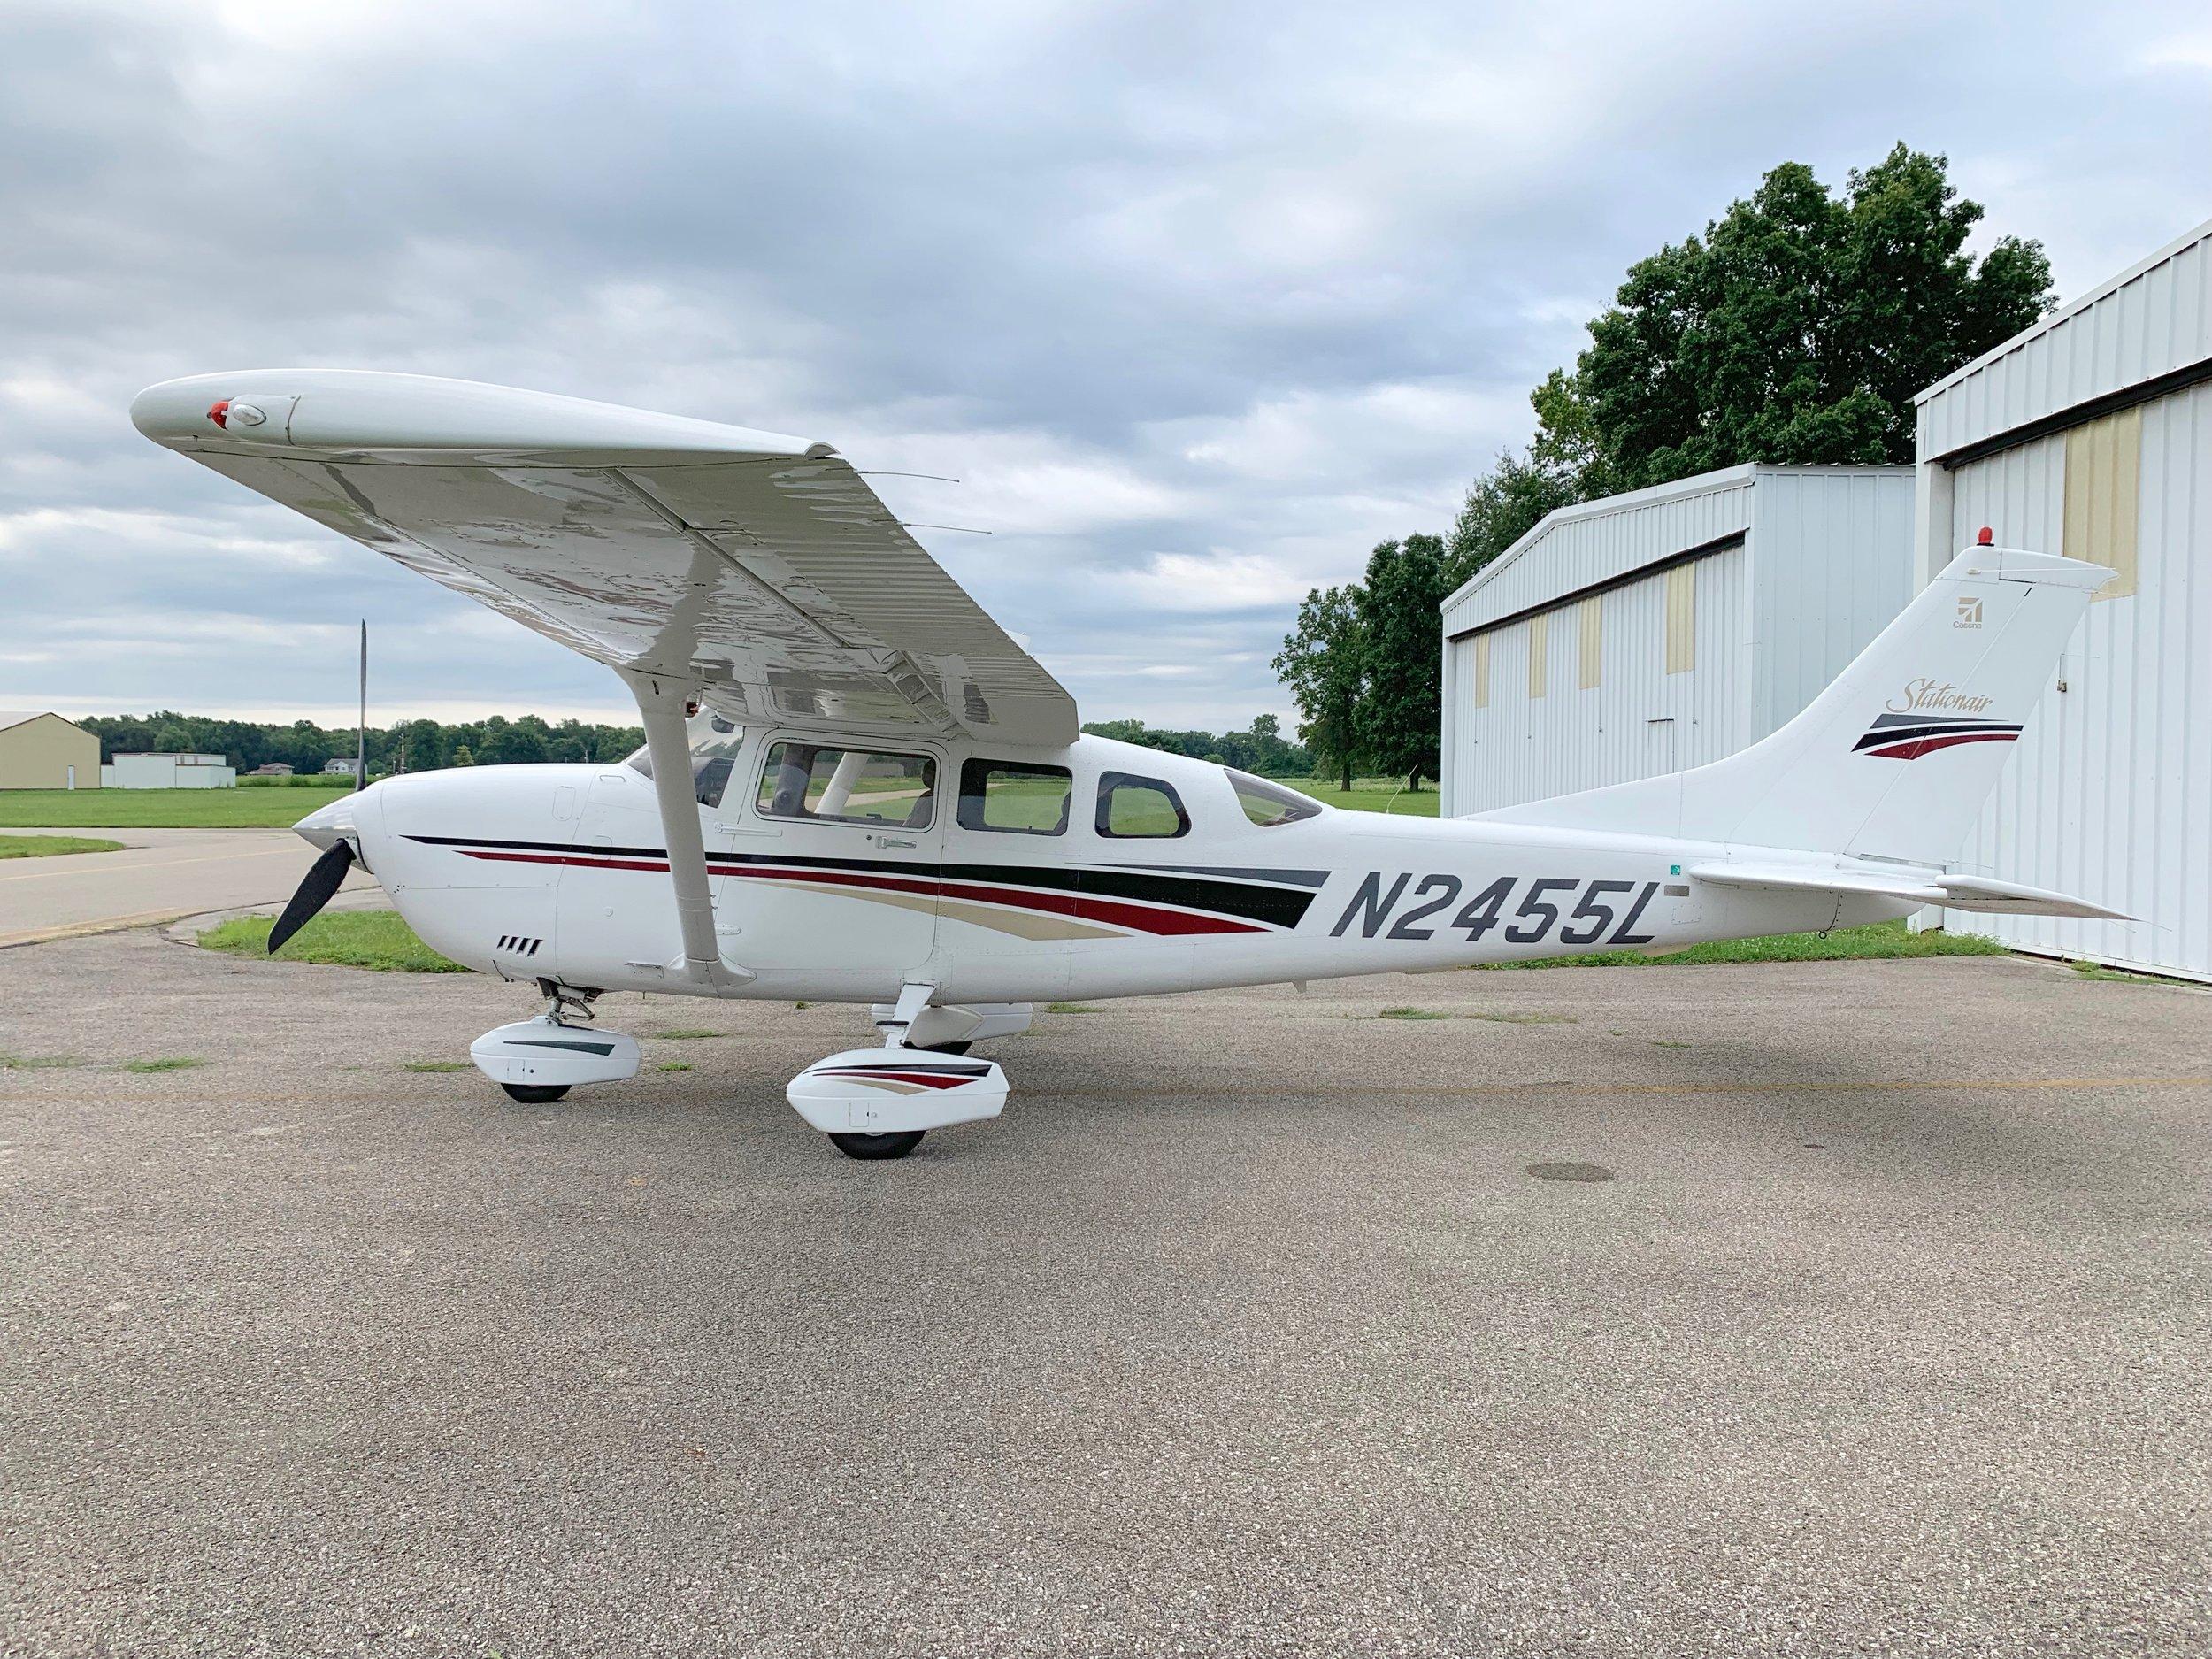 2000 Cessna 206H N2455L